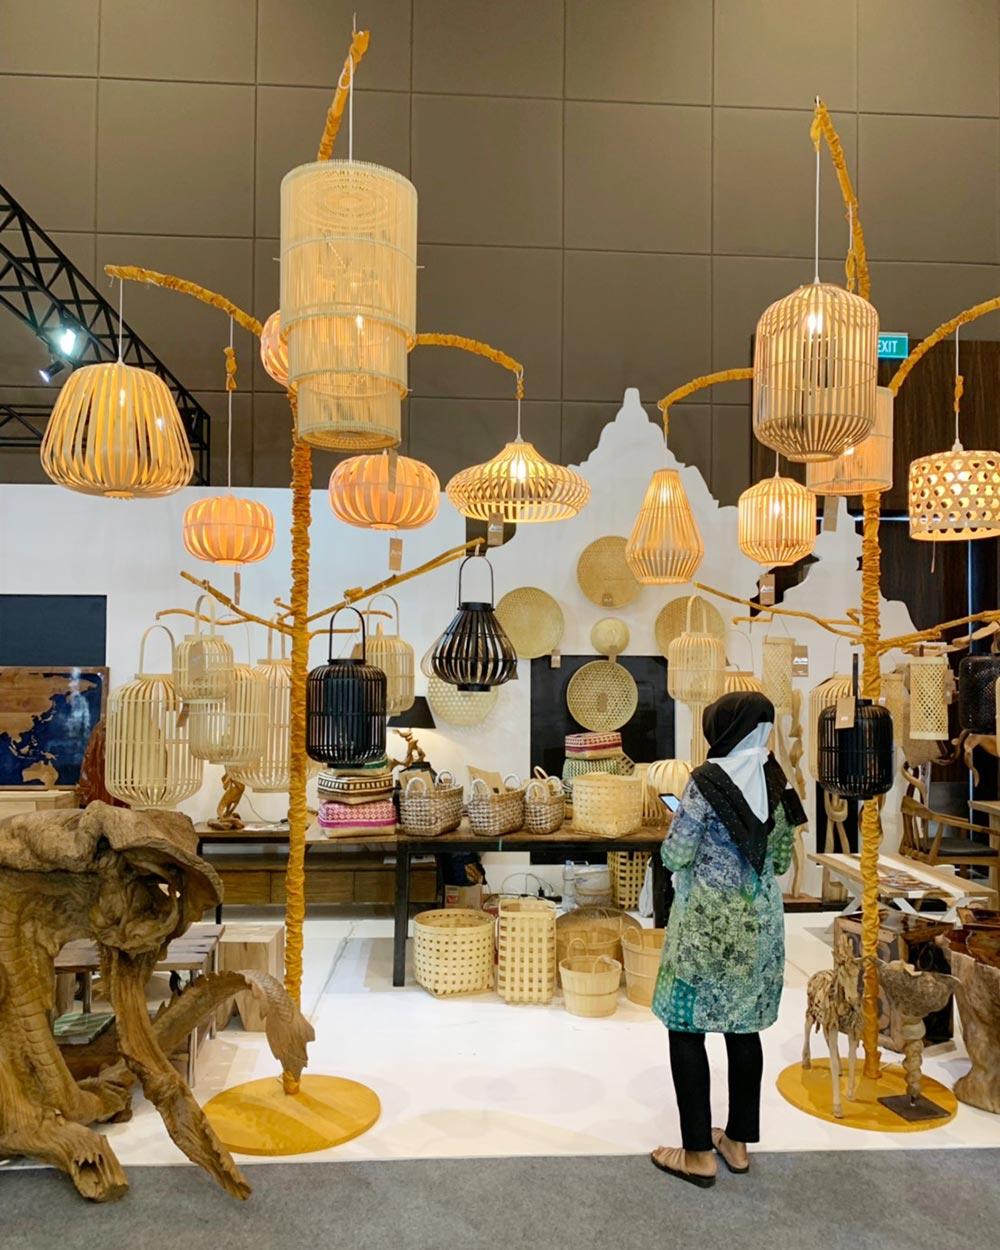 ジャカルタの家具の展示会ランプ